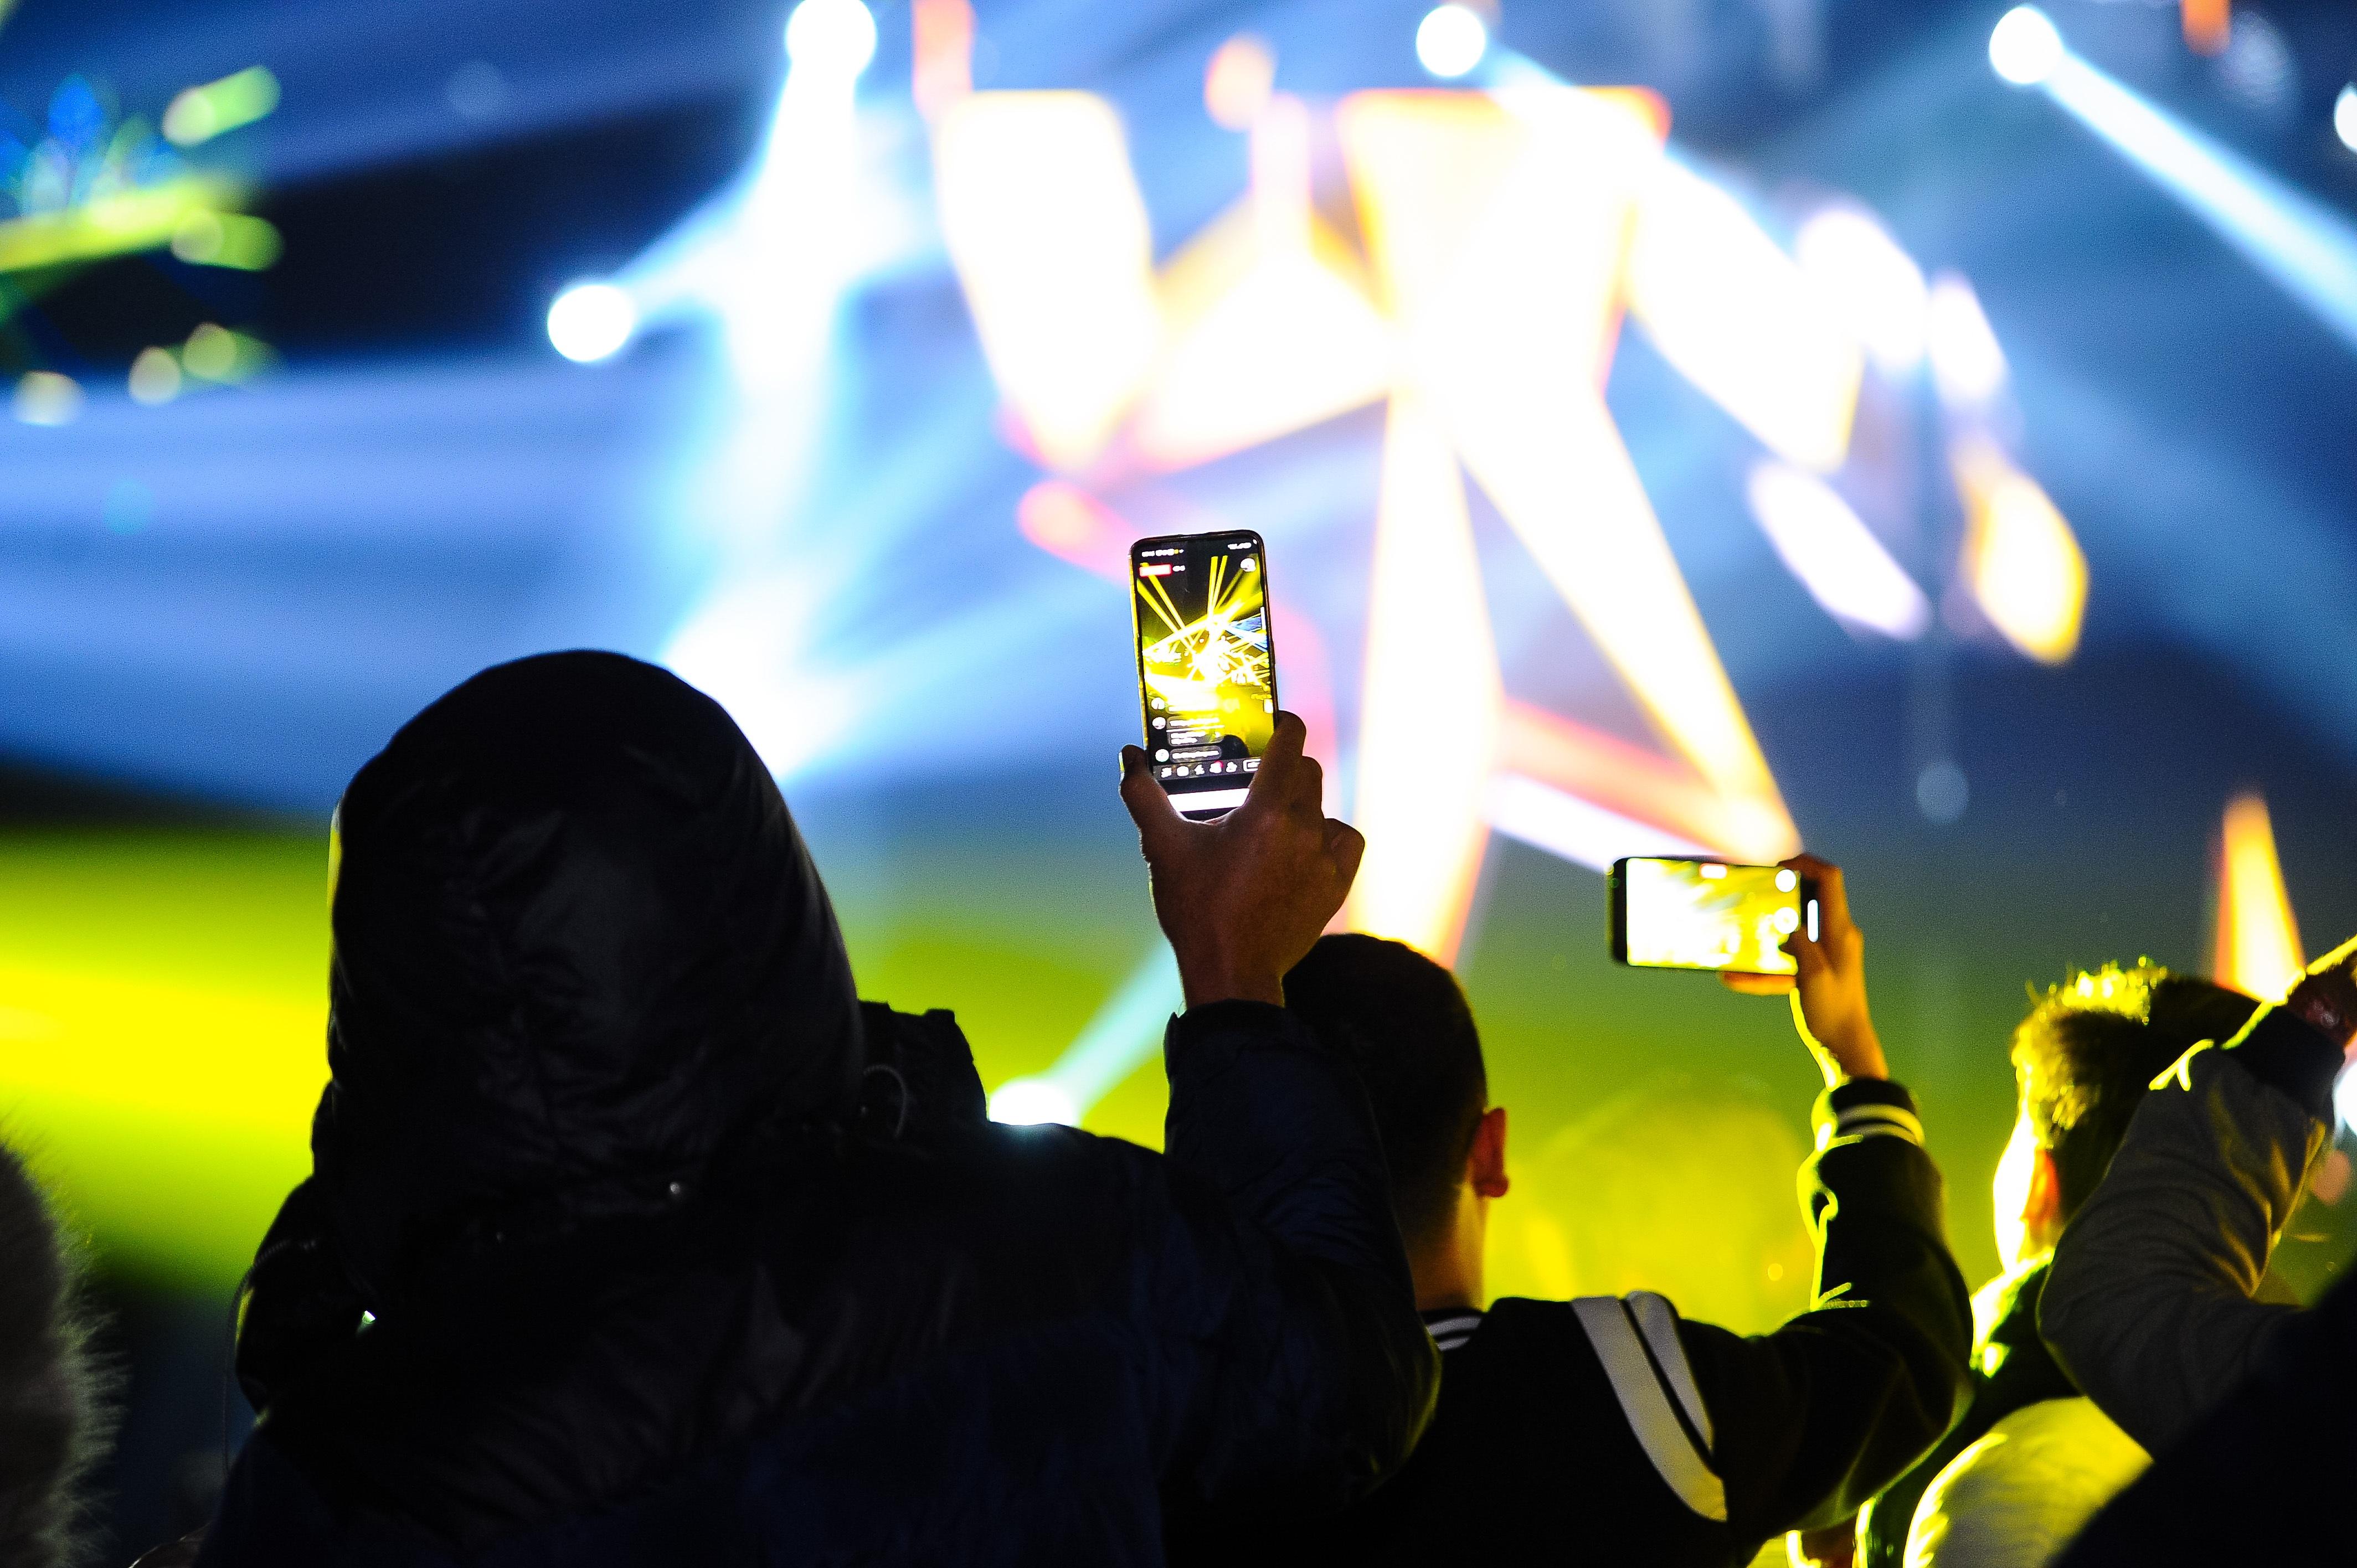 Bữa đại tiệc âm nhạc hoành tráng đón năm mới 2021 của cư dân Ecopark - 4